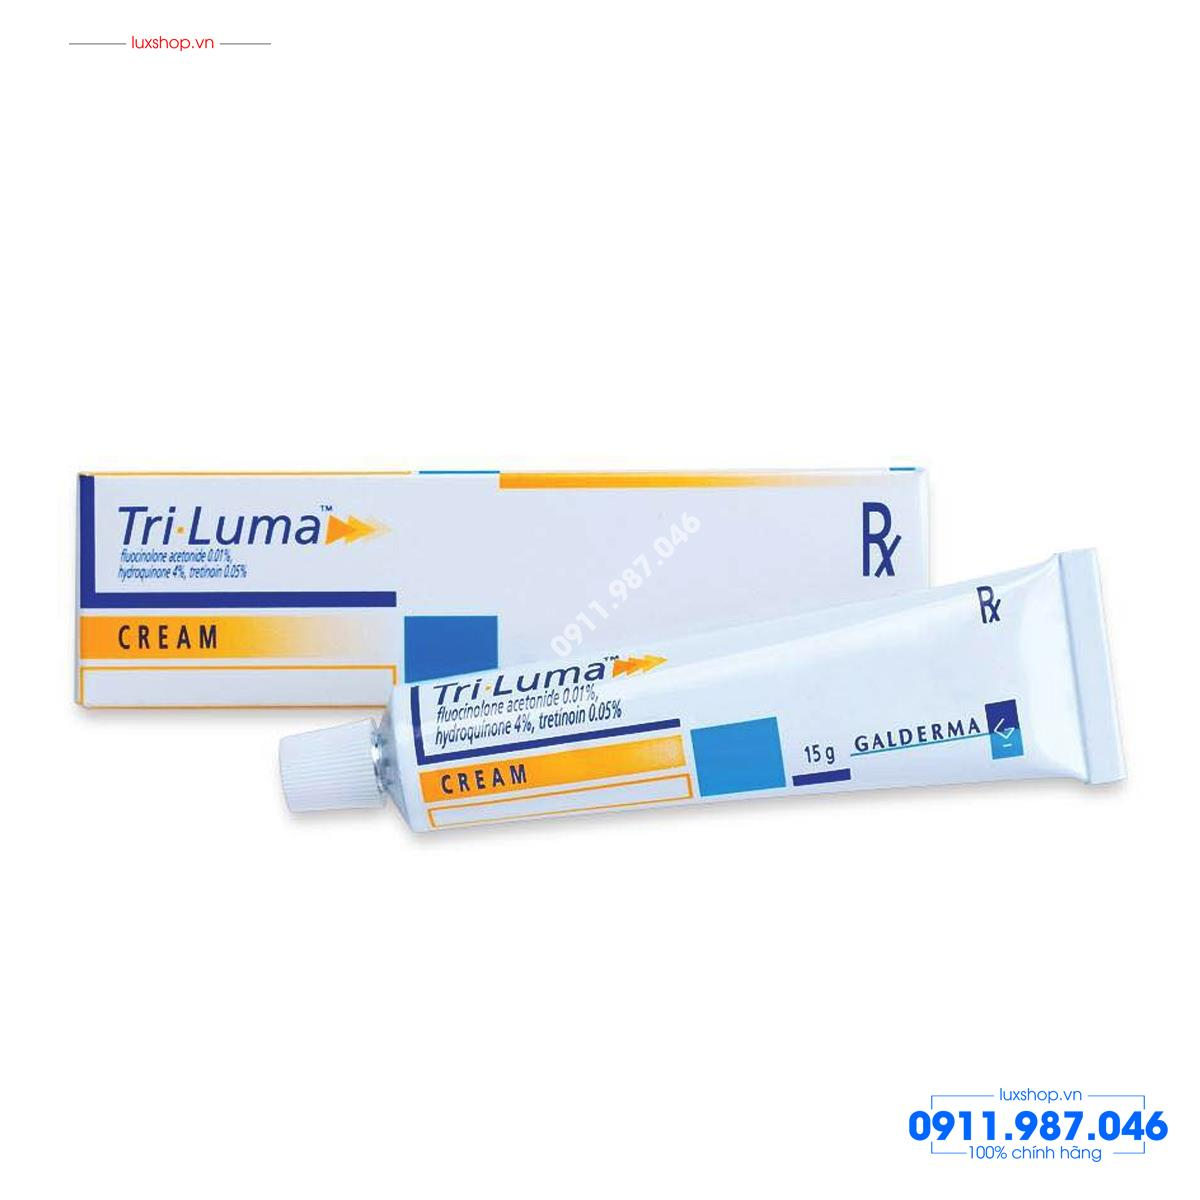 Thuốc Galderma Tri Luma Cream 15g trị thâm nám đốm nâu chính hãng (Mỹ)